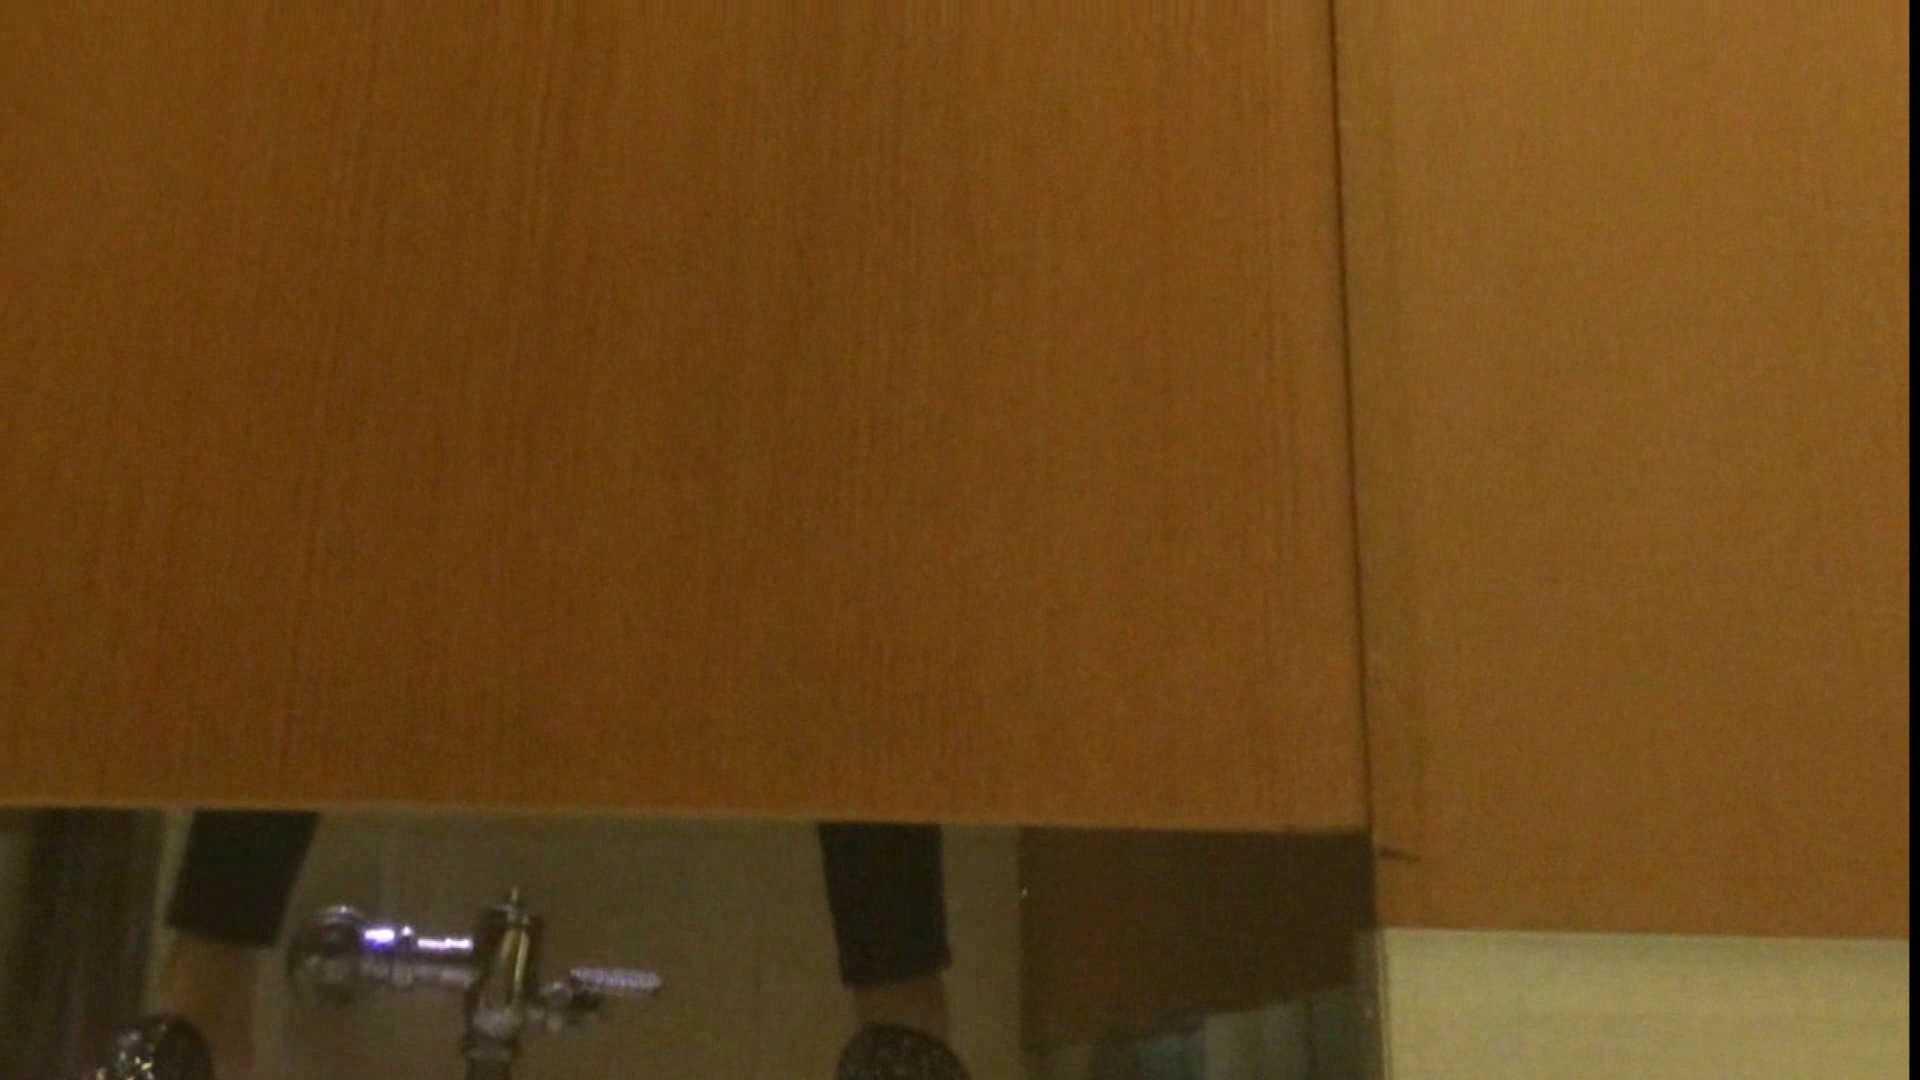 「噂」の国の厠観察日記2 Vol.14 厠 盗み撮りオマンコ動画キャプチャ 61画像 56